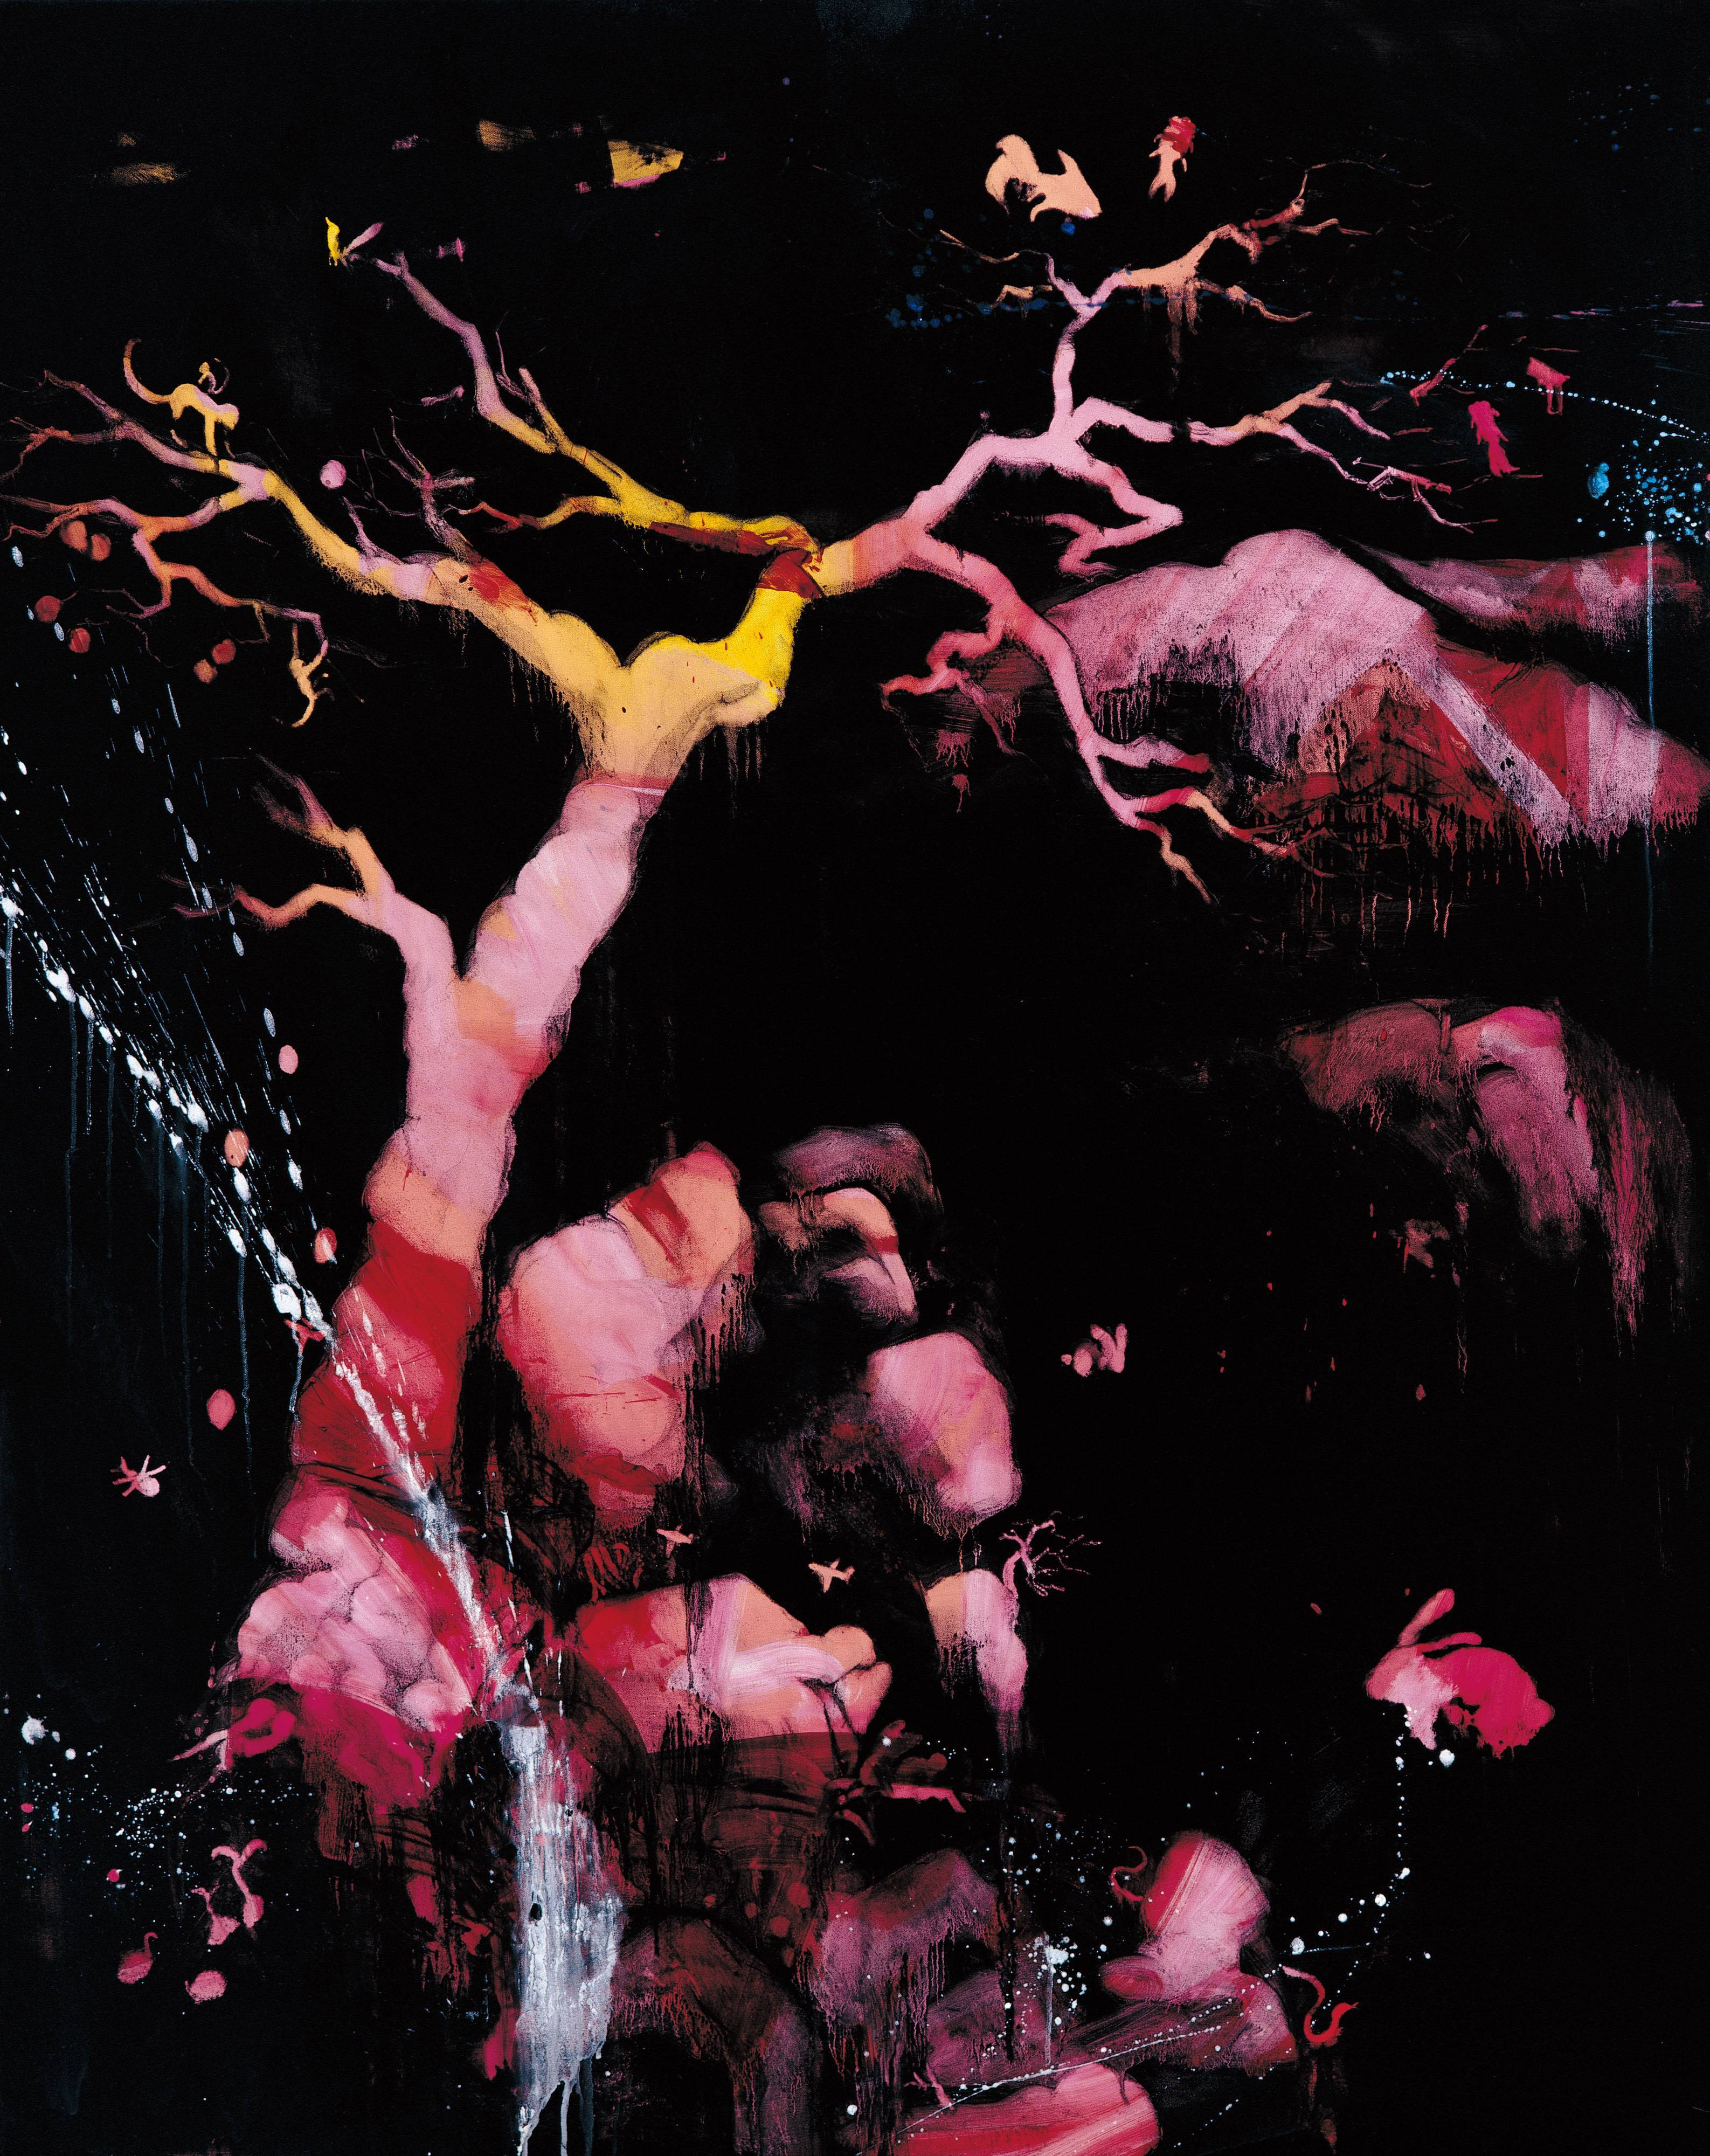 常陵|五花肉系列-肉花鳥-泉水小語圖|2007|油彩|162x120cm